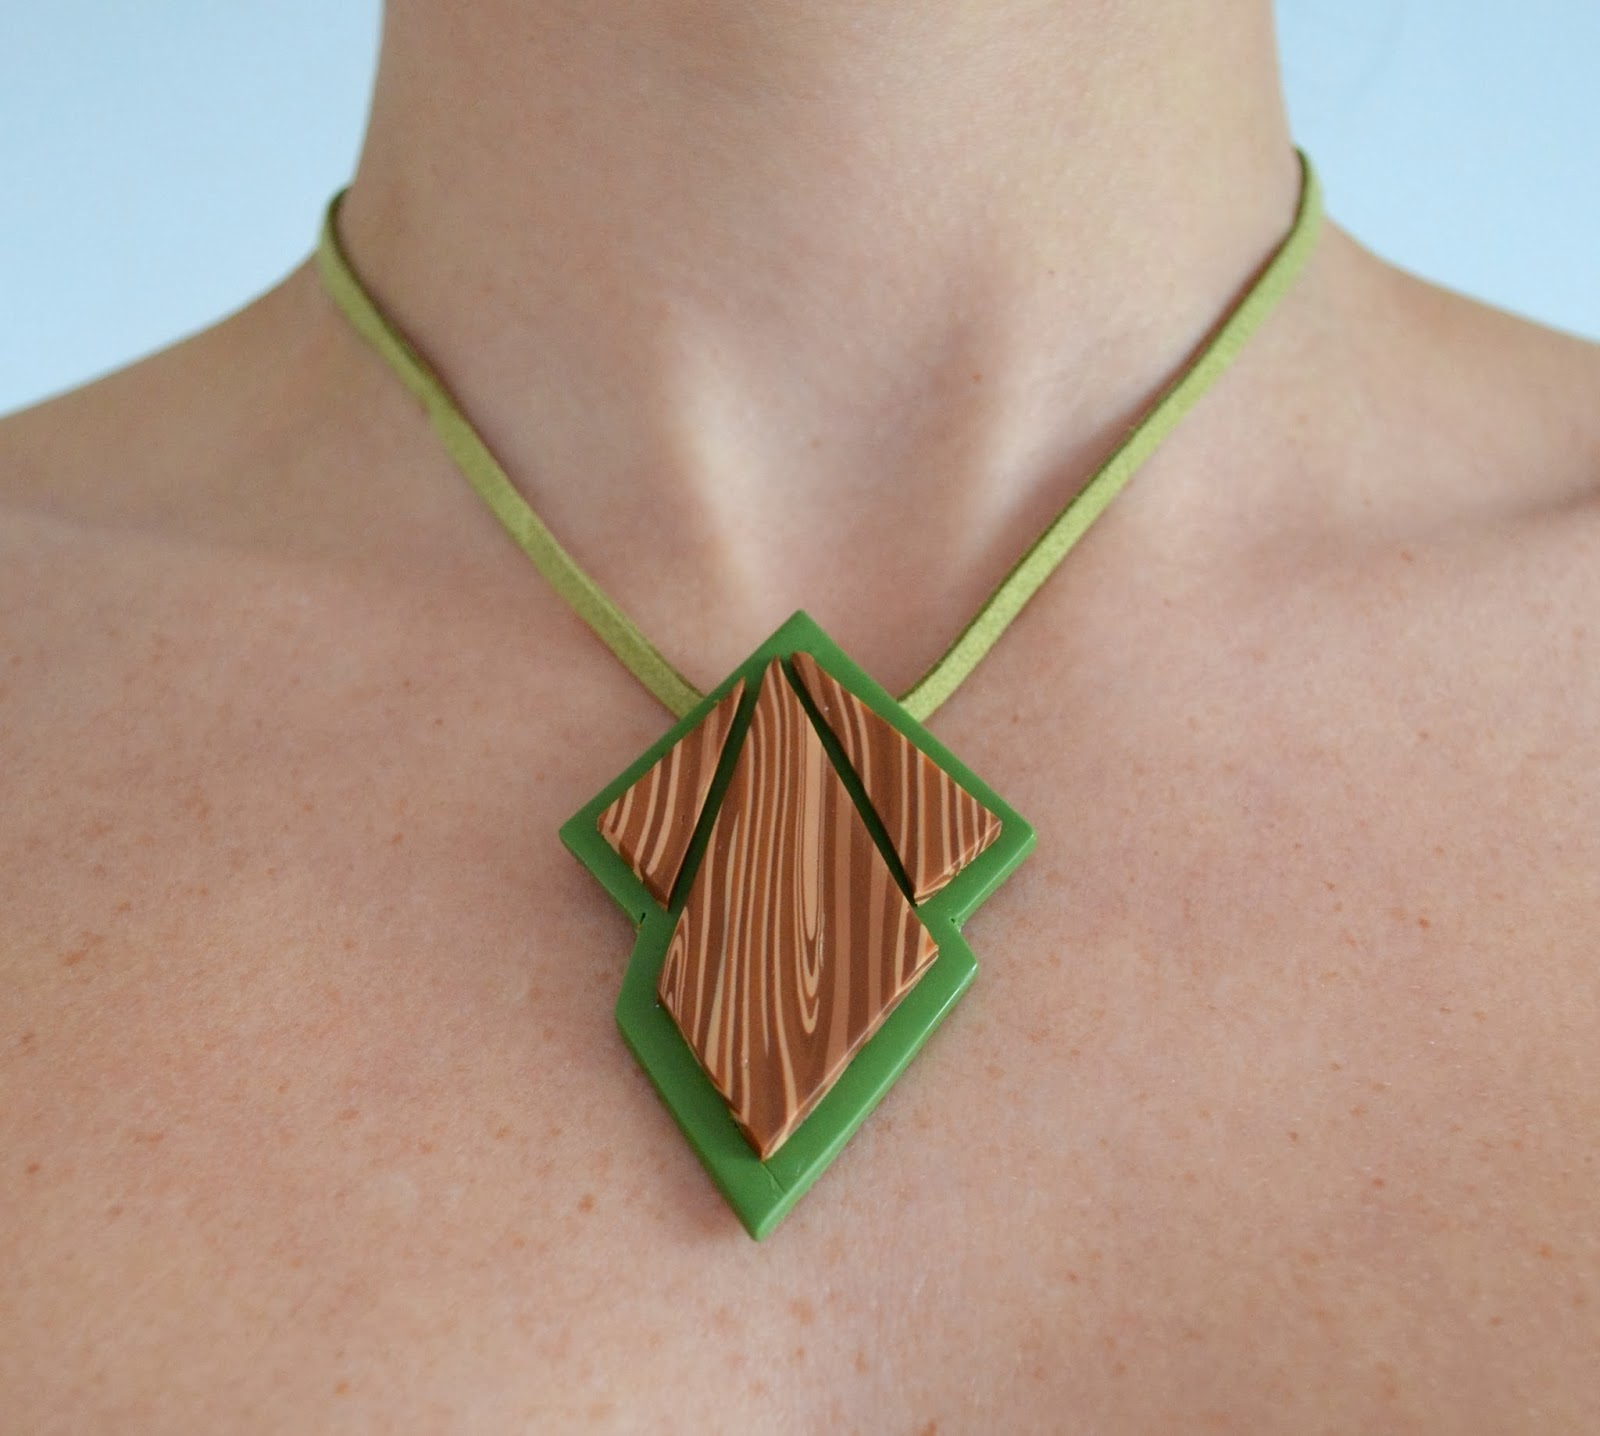 http://www.elrincondefrifri.com/2014/02/reconstrucciones-collar-verde-imitacion.html